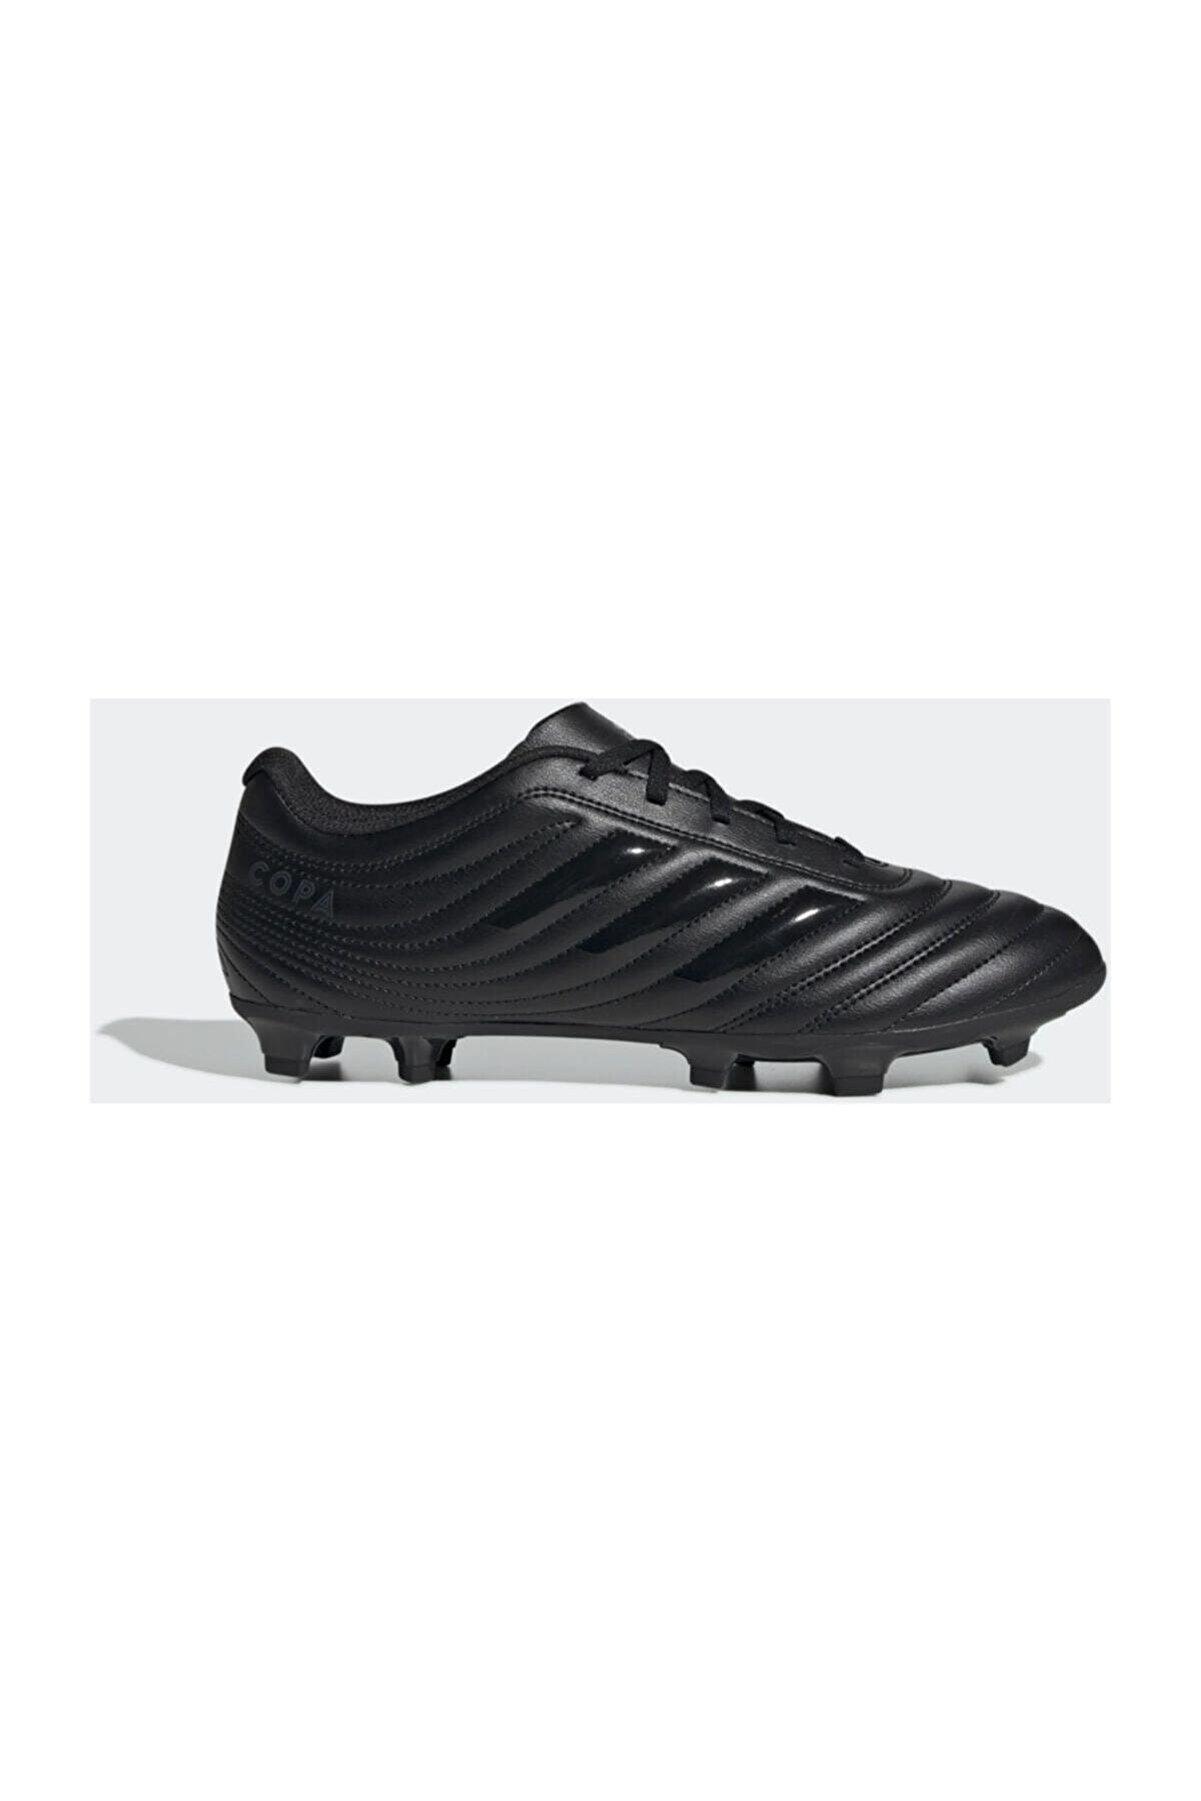 adidas COPA 20.4 FG Siyah Erkek Halı Saha Ayakkabısı 101069091